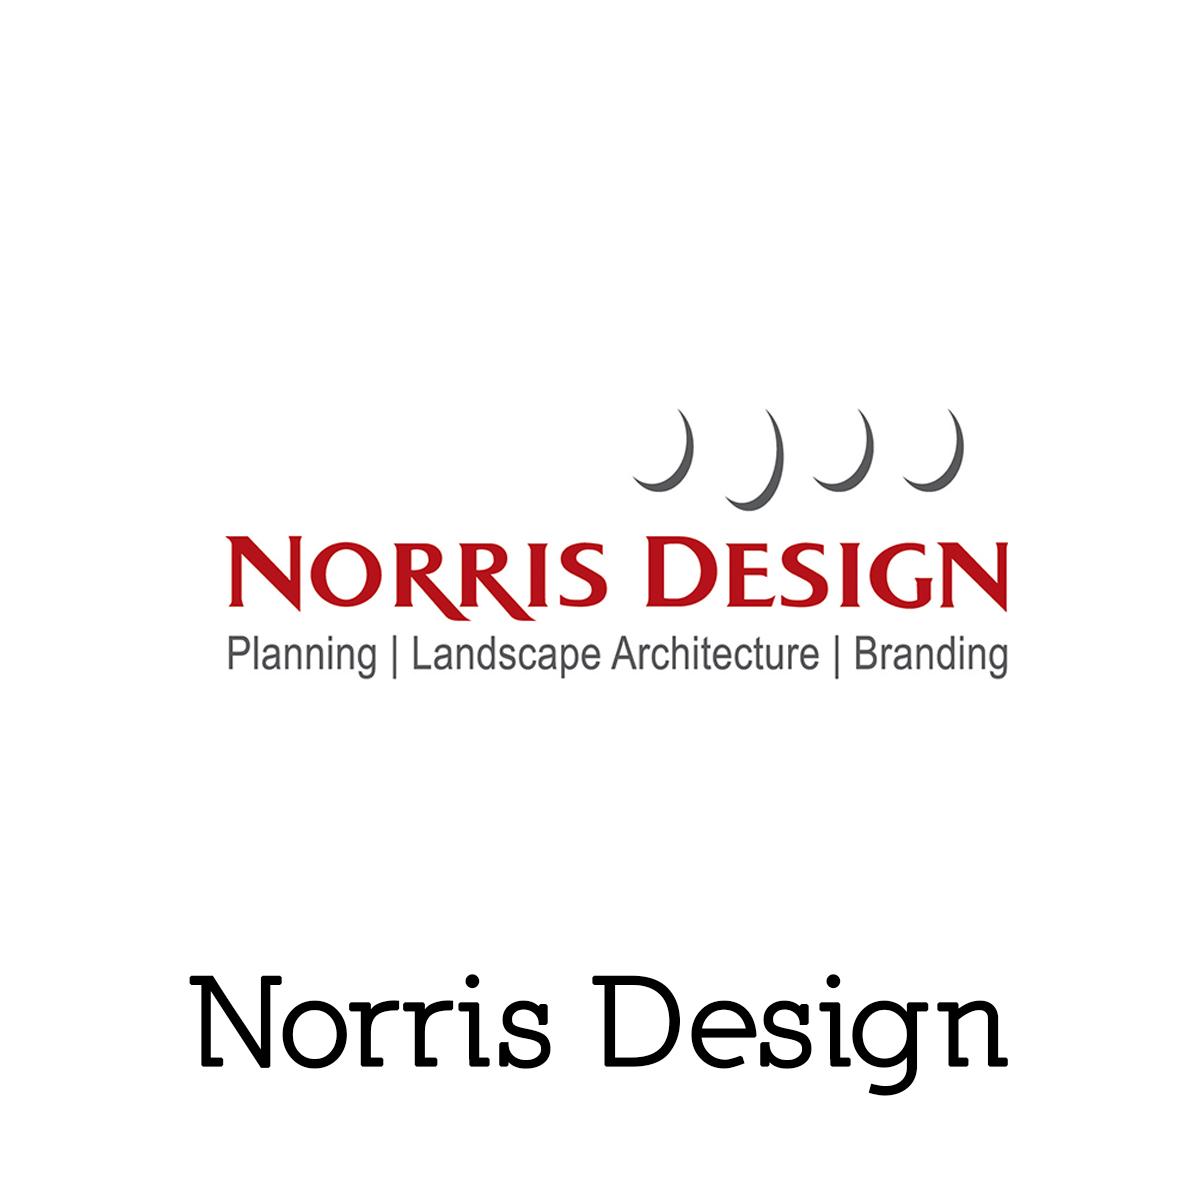 norris-design_resized-for-web.jpg